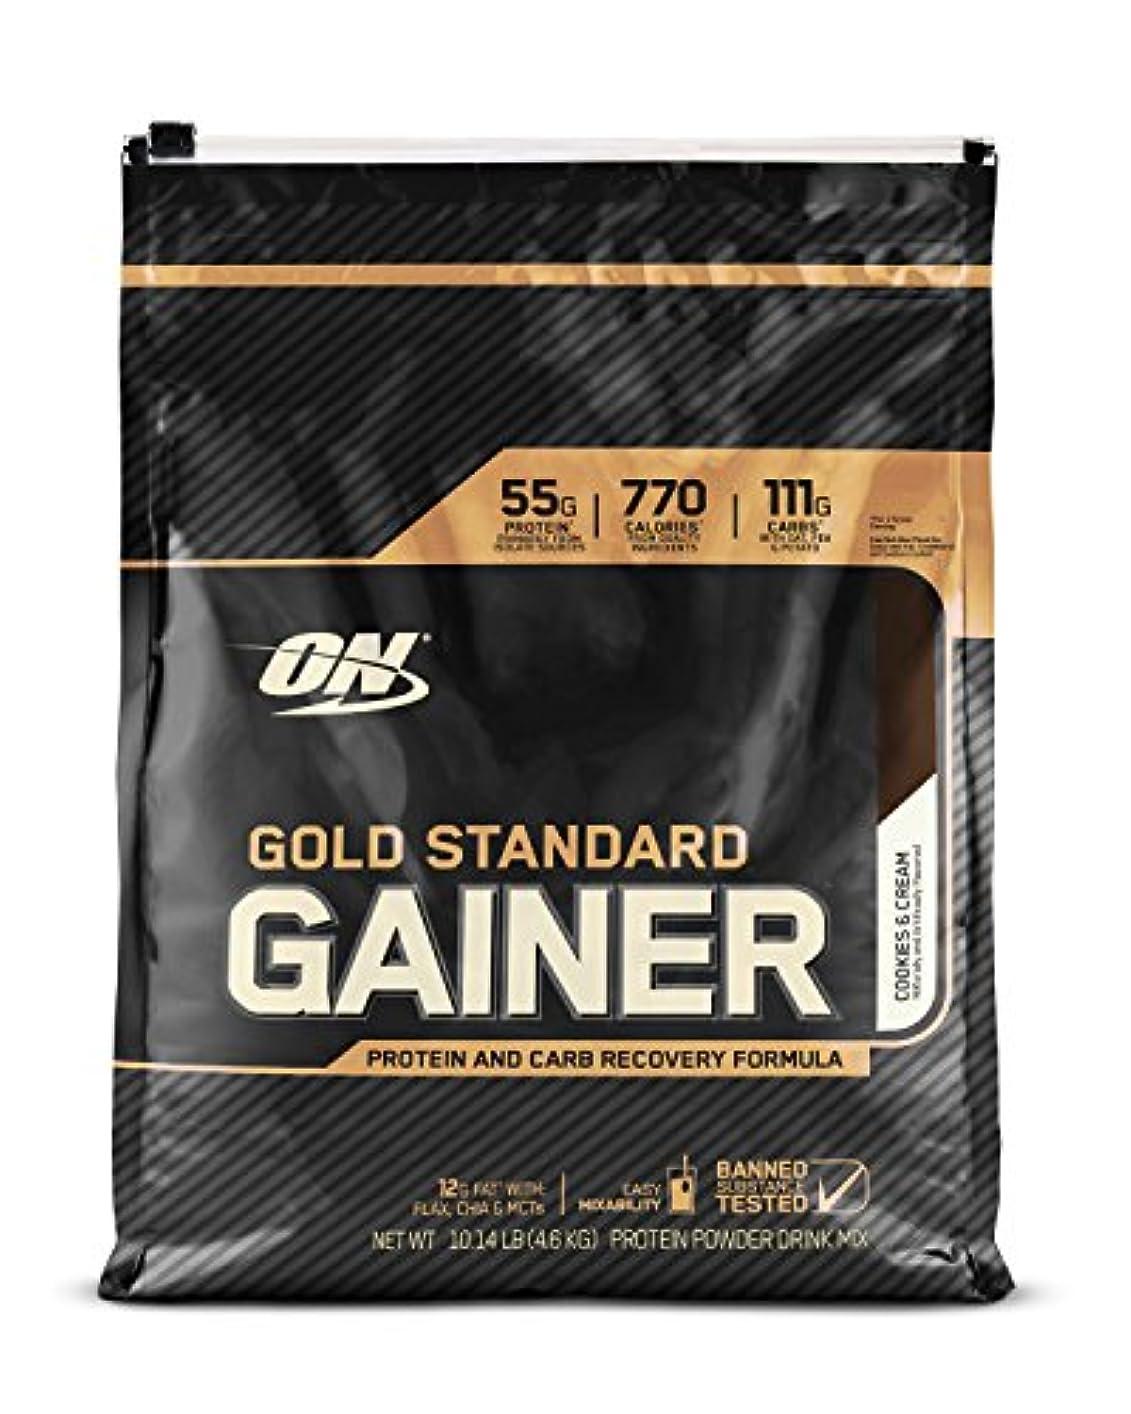 スプーン隠された悪因子ゴールドスタンダード ゲイナー 10LB クッキークリーム (Gold Standard Gainer 10LB Cookies & Cream) [海外直送品]